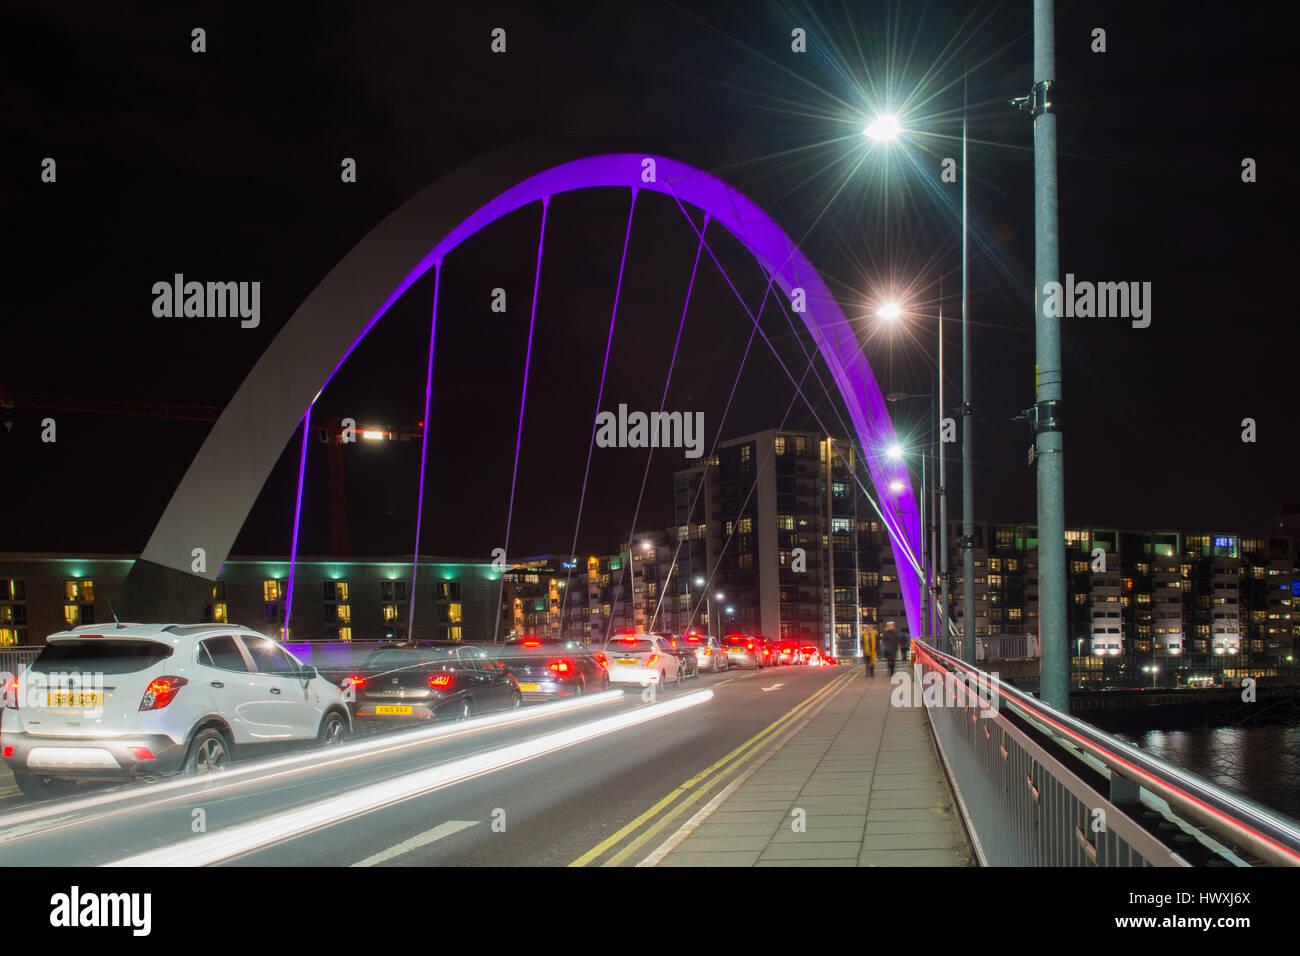 Le Clyde Arc (connu localement comme le Pont aux) - la circulation et les piétons traversant la rivière Clyde dans la nuit Banque D'Images